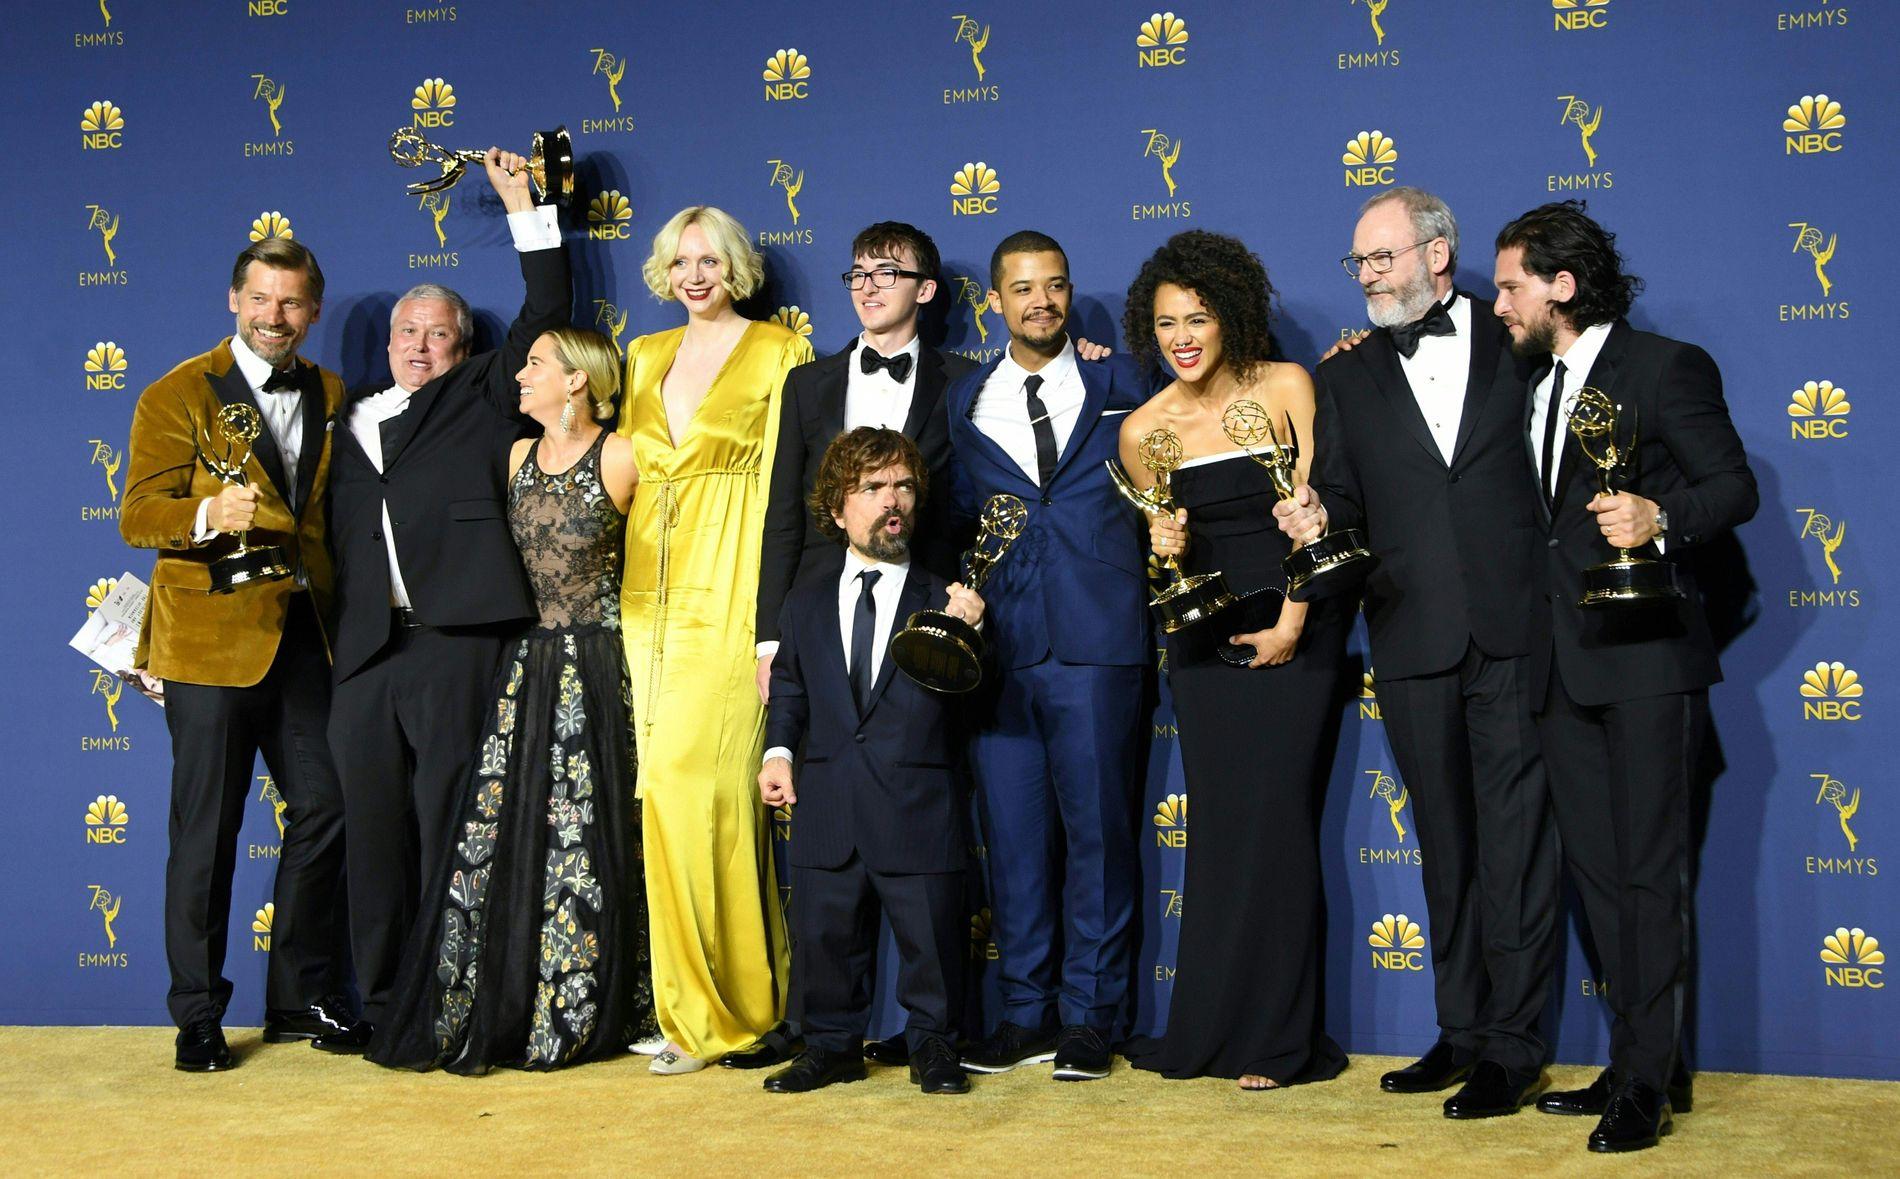 GLADE VINNERE: Skuespillerne og staben bak «Game of Thrones» feirer Emmy-pris natt til tirsdag.